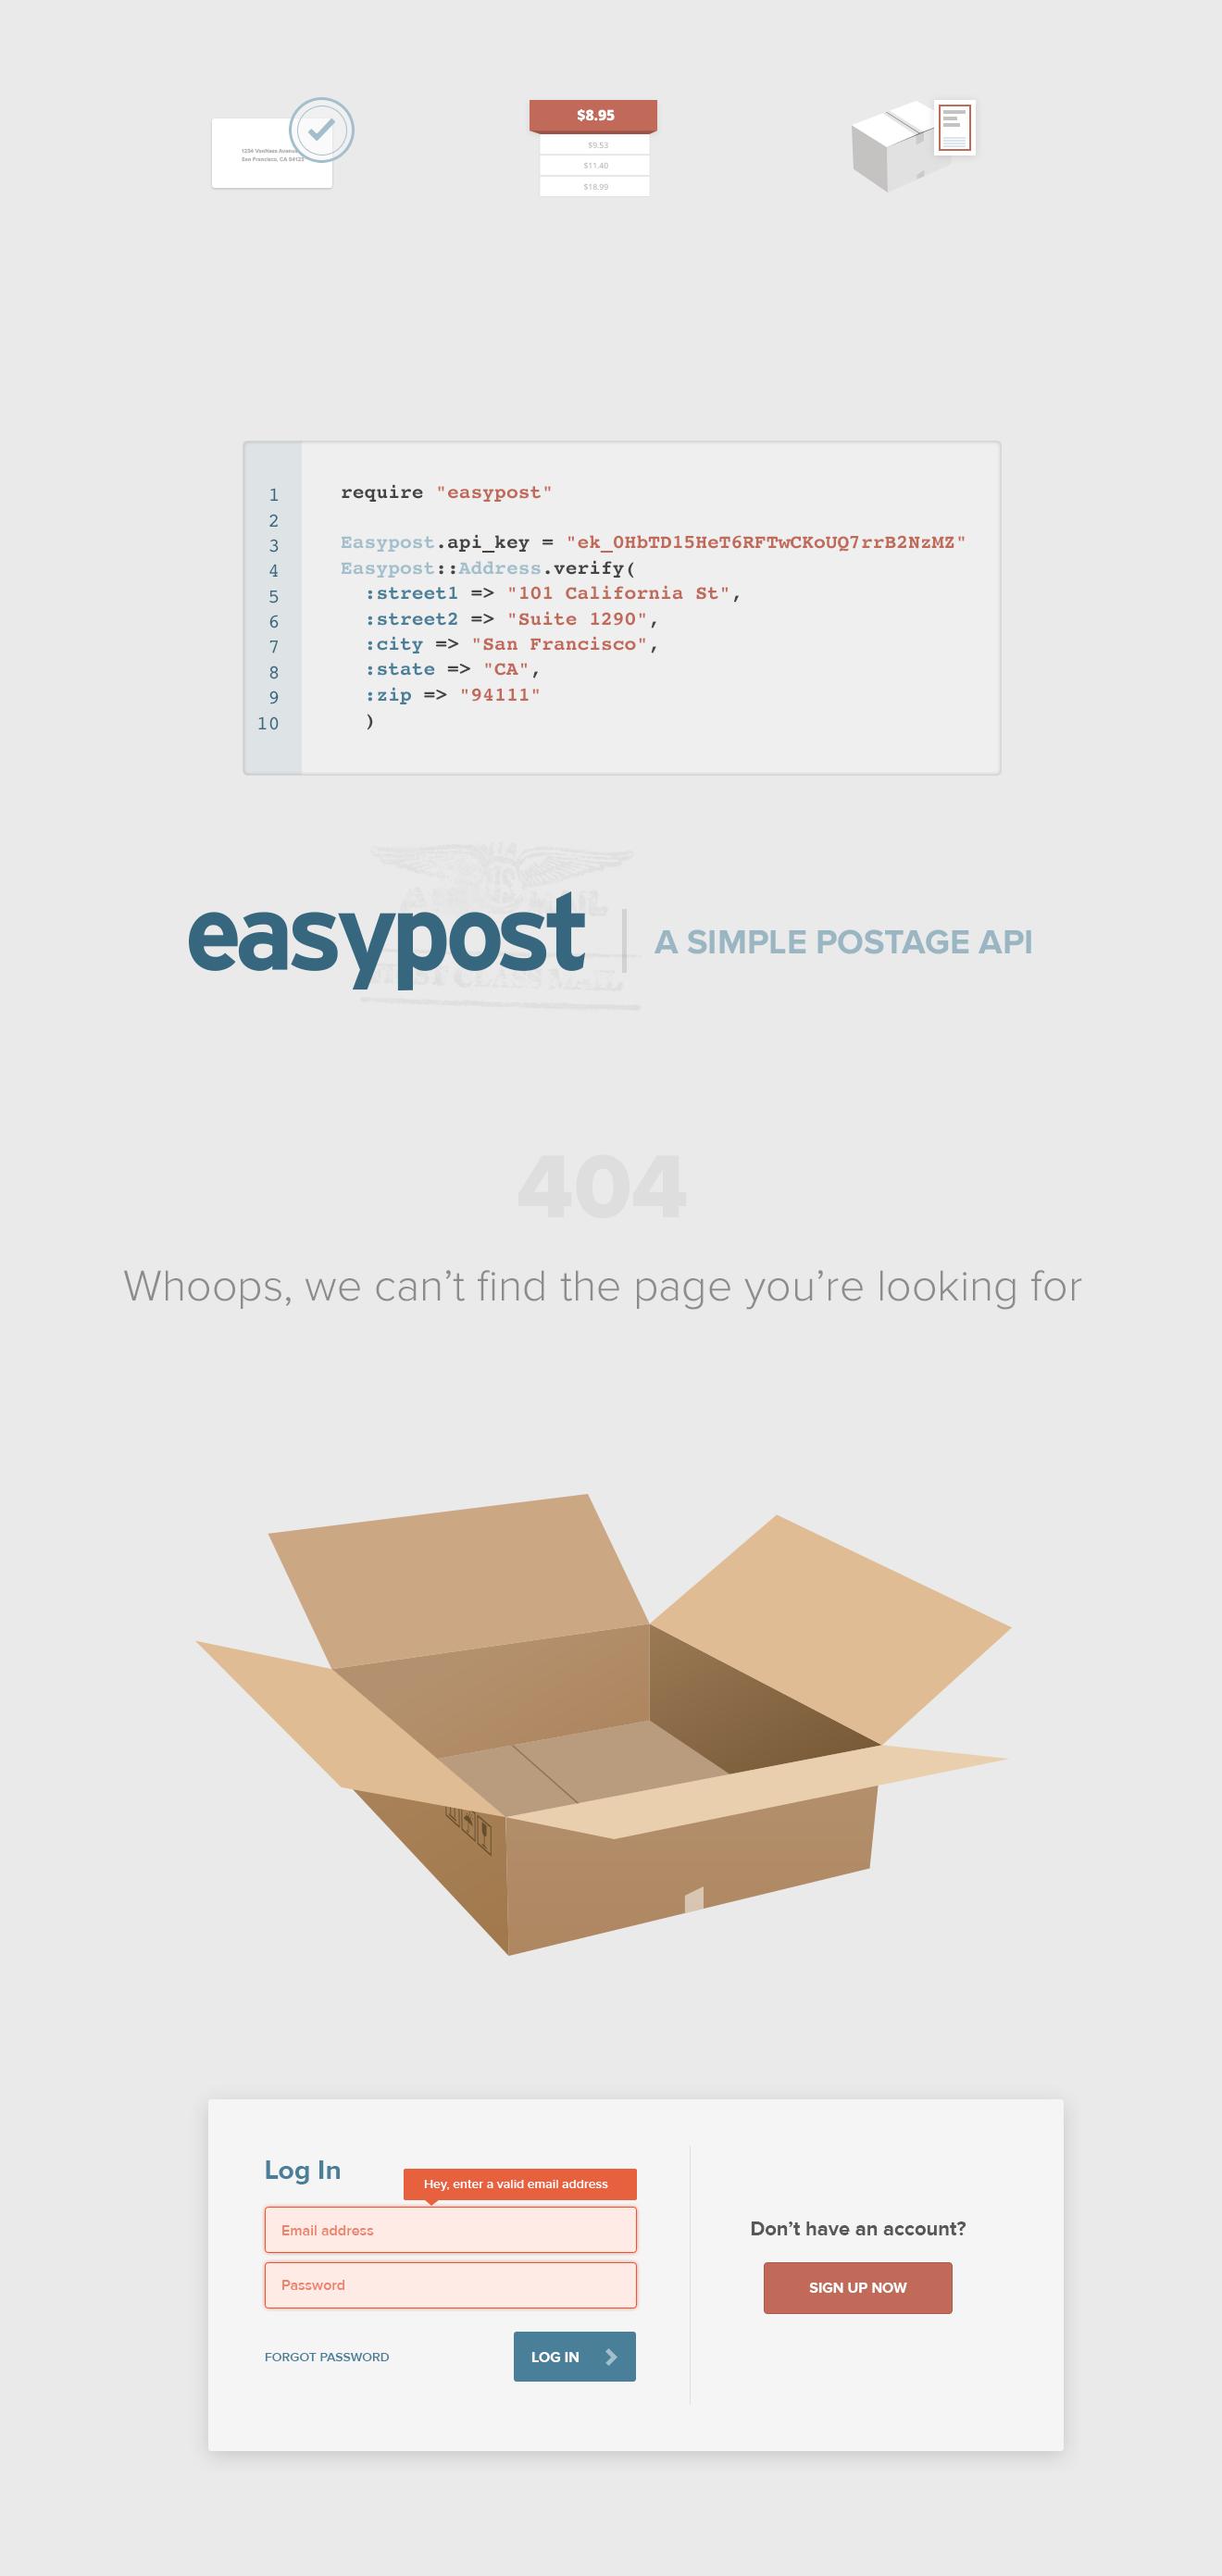 easypost_part-2.png